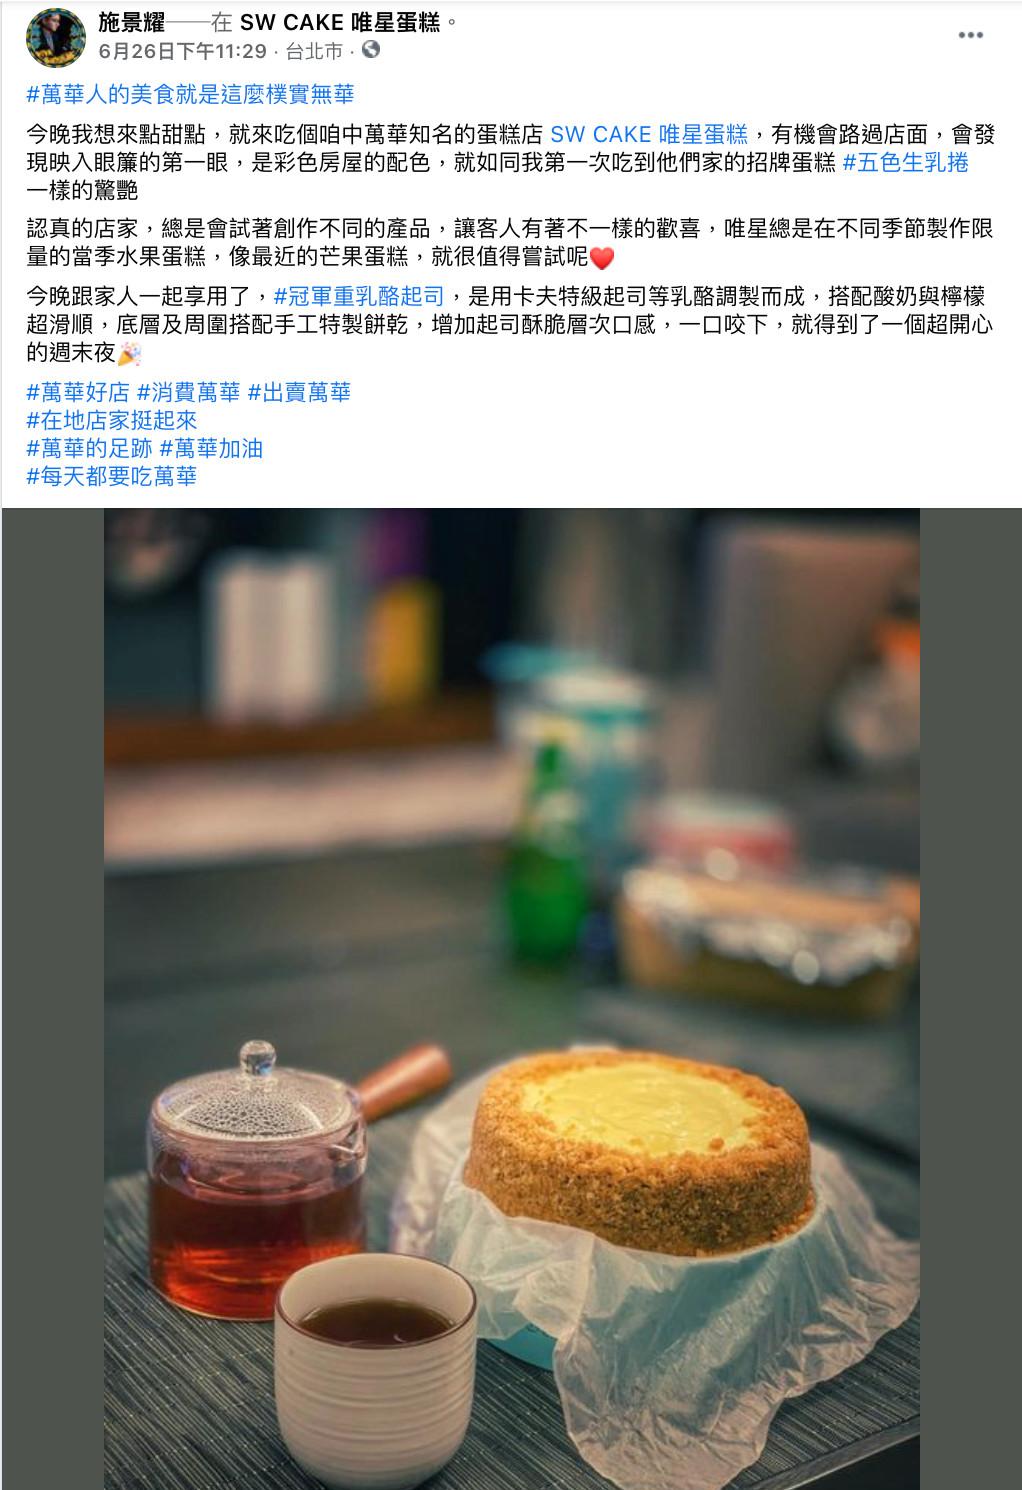 咖啡,萬華,COVID-19,疫情,社福團體,封區